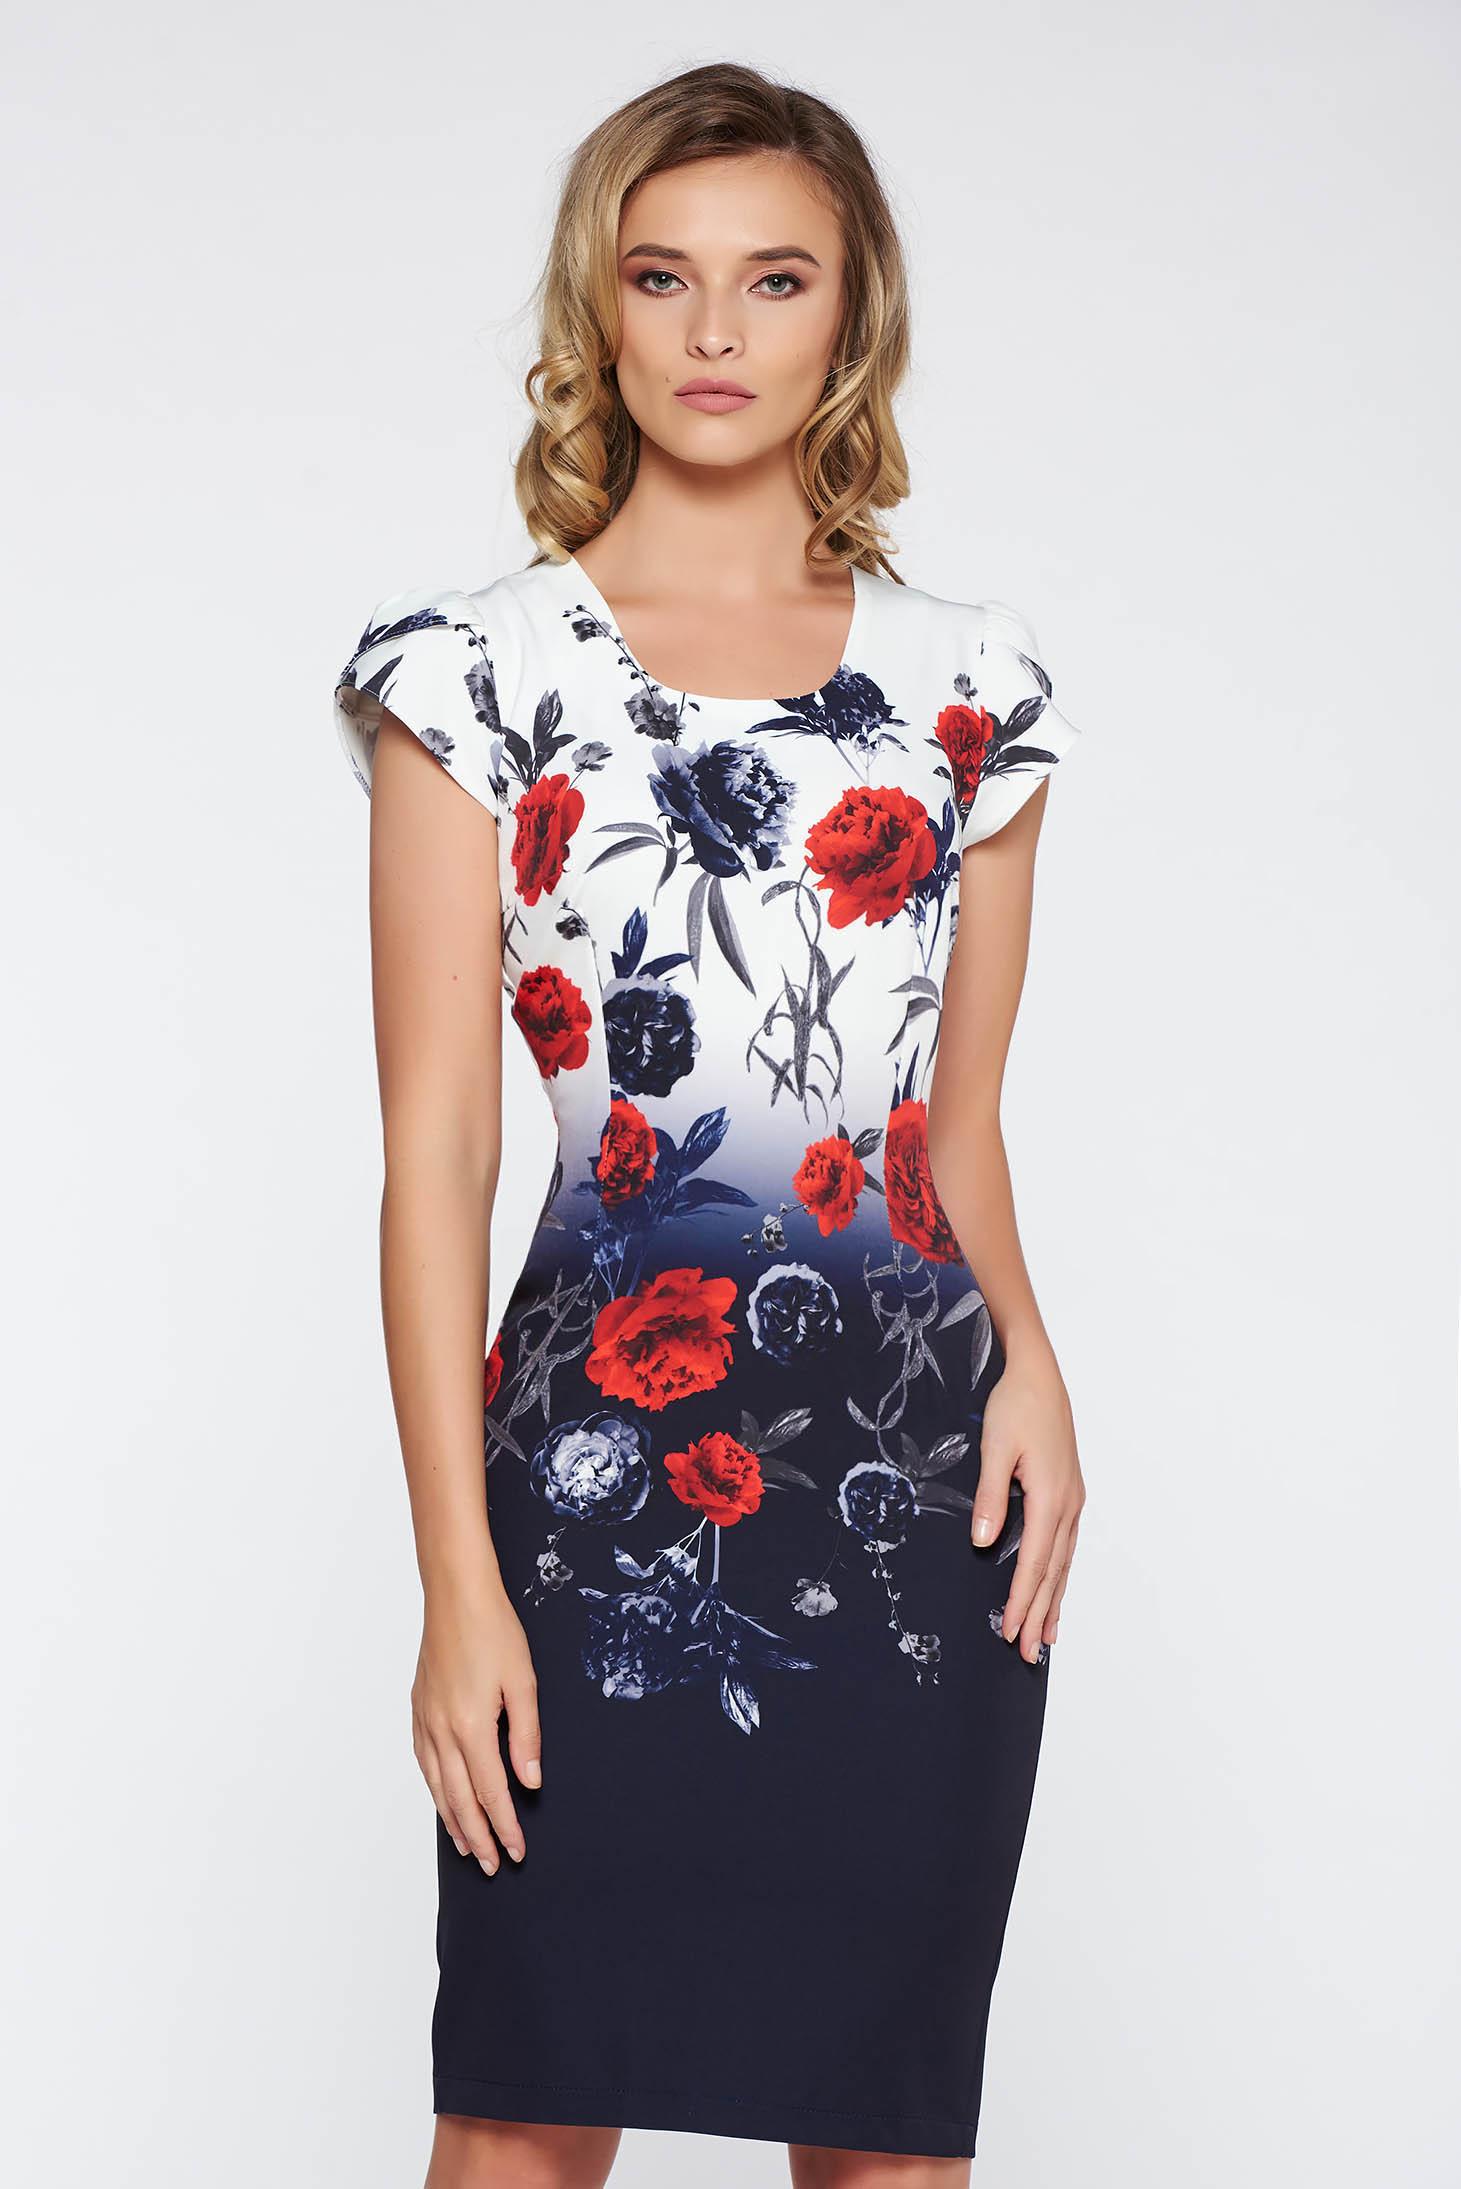 Rochie albastra-inchis eleganta midi tip creion din material usor elastic cu imprimeuri florale